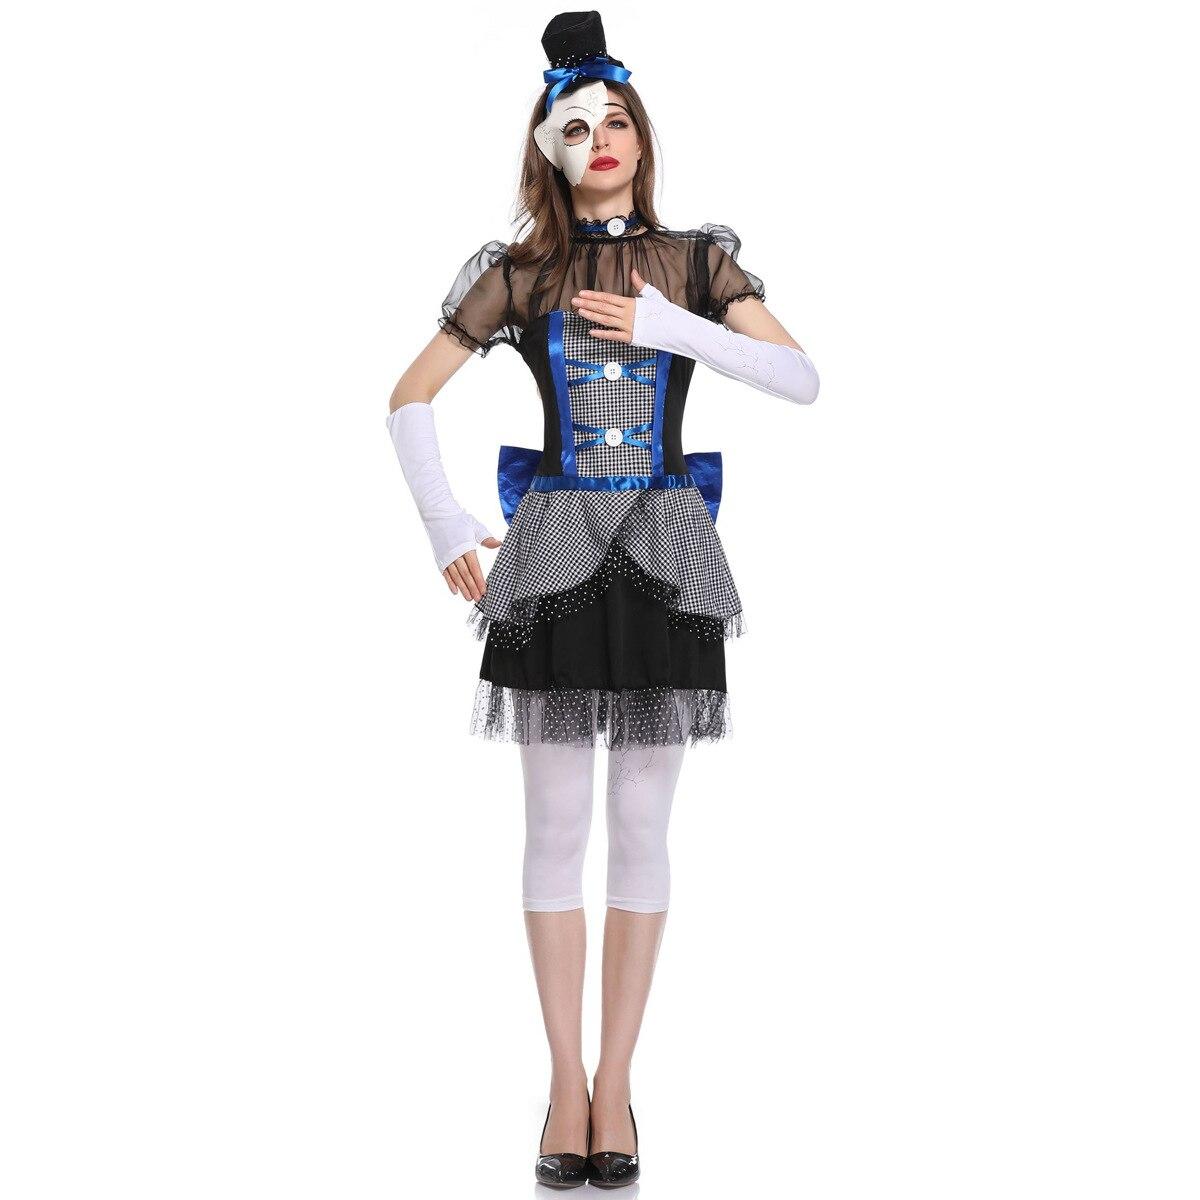 Vampire Costumes Gothic Vampire Service Halloween Ghost Doll Dark Ghost Bride Stage Wear